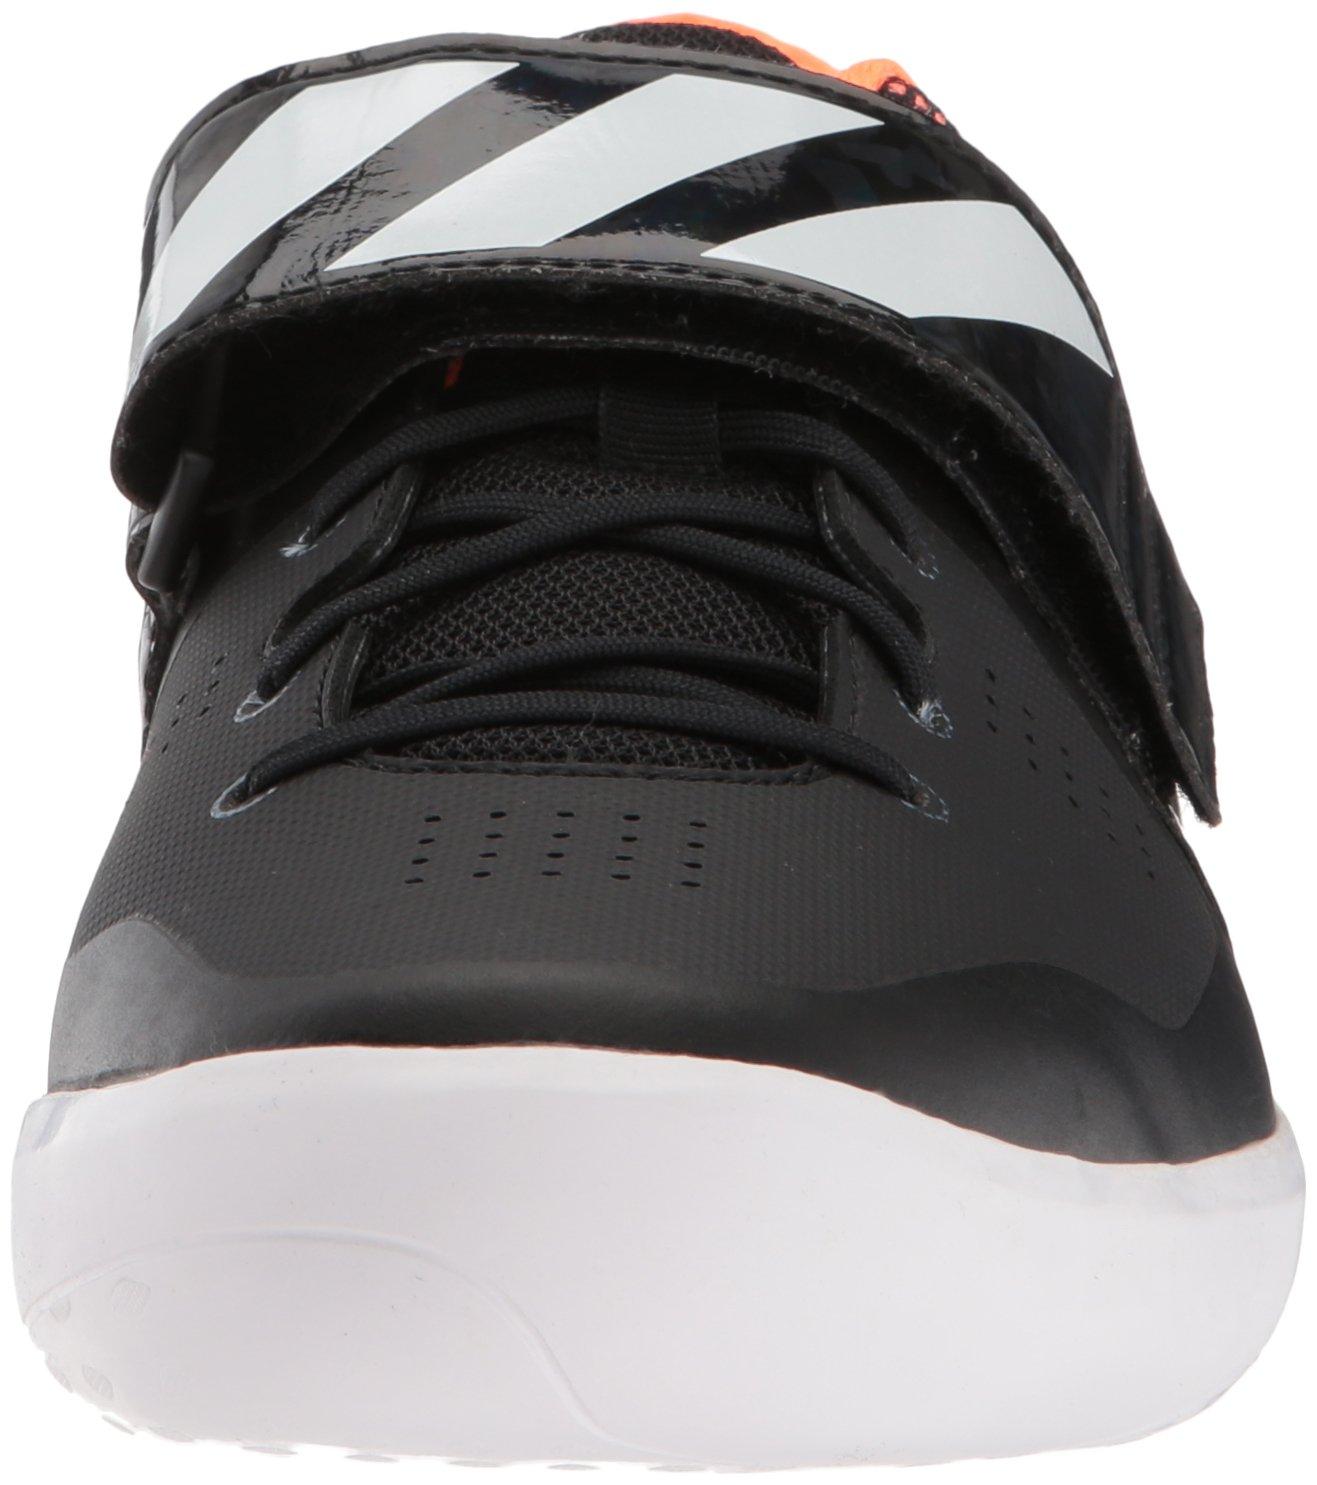 Zapatillas de corriendo Adidas adidas adizero shotput núcleo corriendo negro